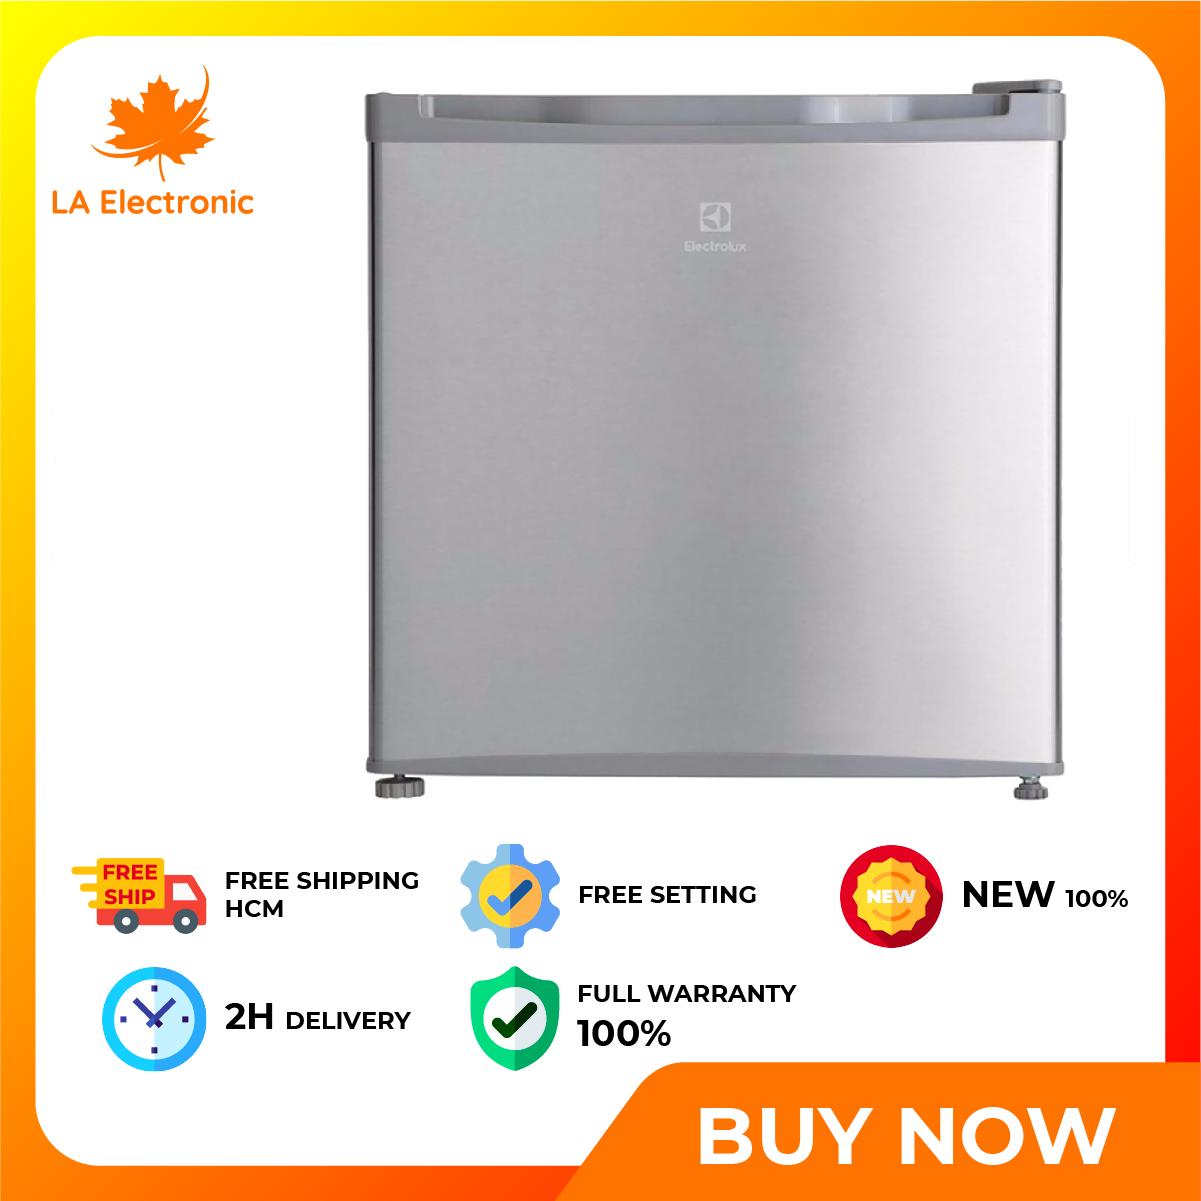 Tủ lạnh Electrolux 46 lít EUM0500SB – Miễn phí vận chuyển HCM